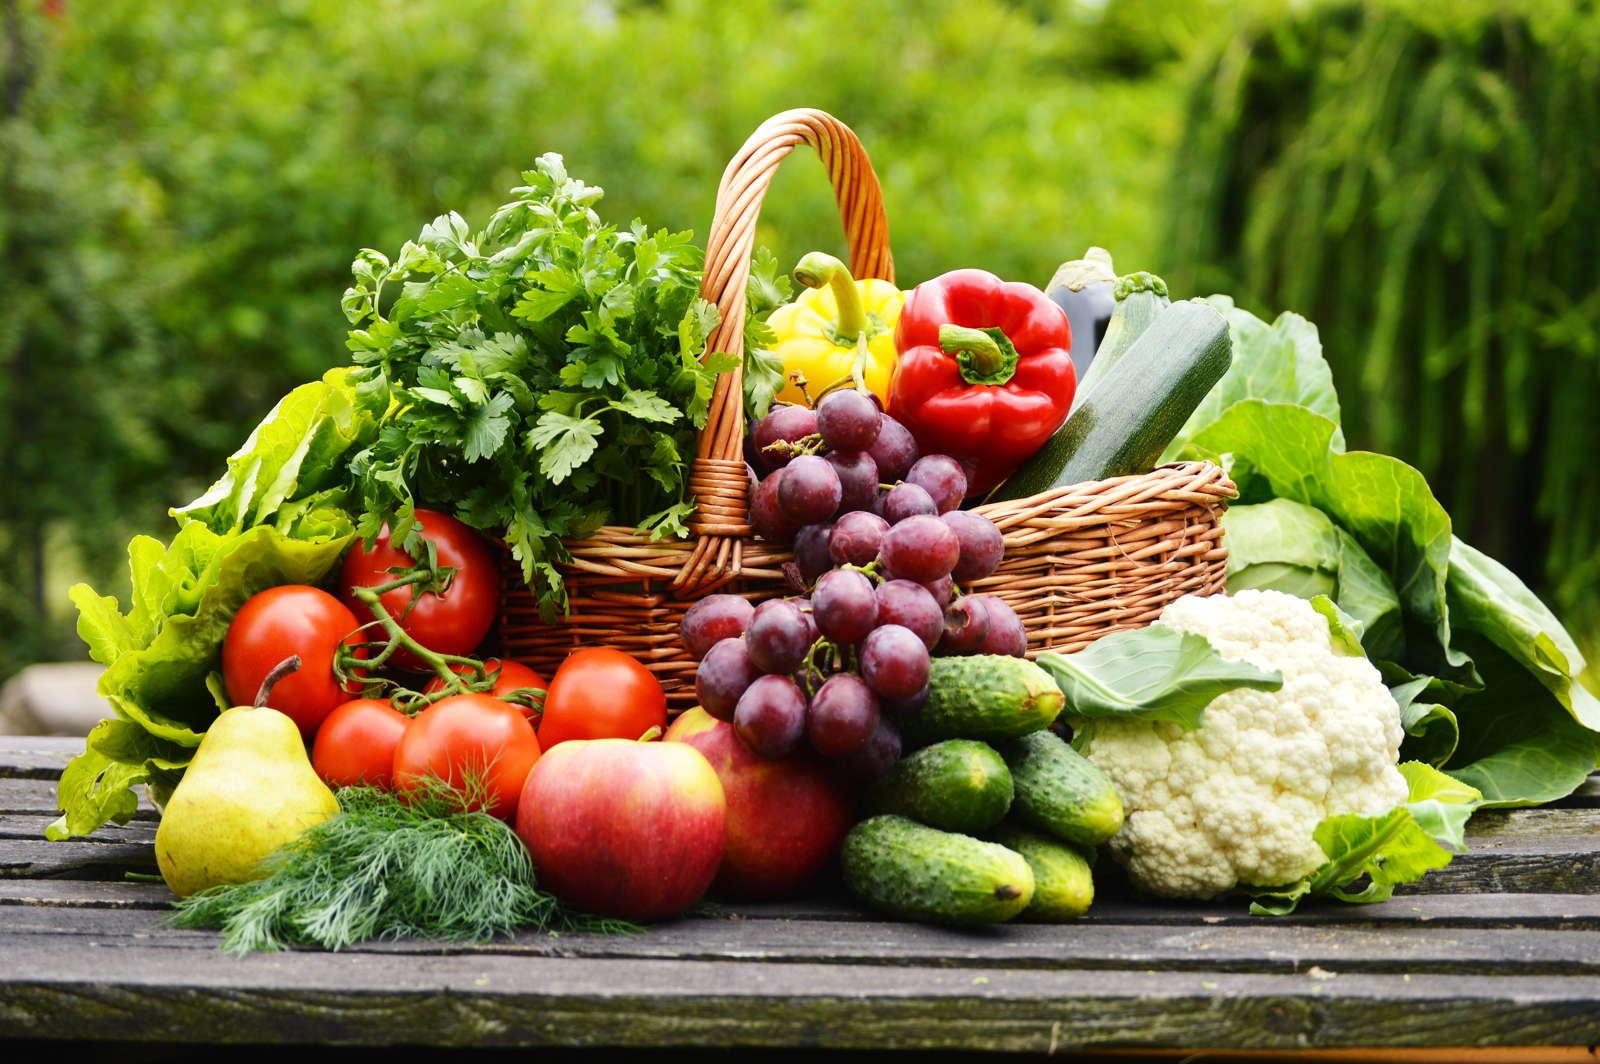 Beliebt Bevorzugt Saisonkalender: Wann wächst welches Gemüse & Obst? - Plantura &SA_42